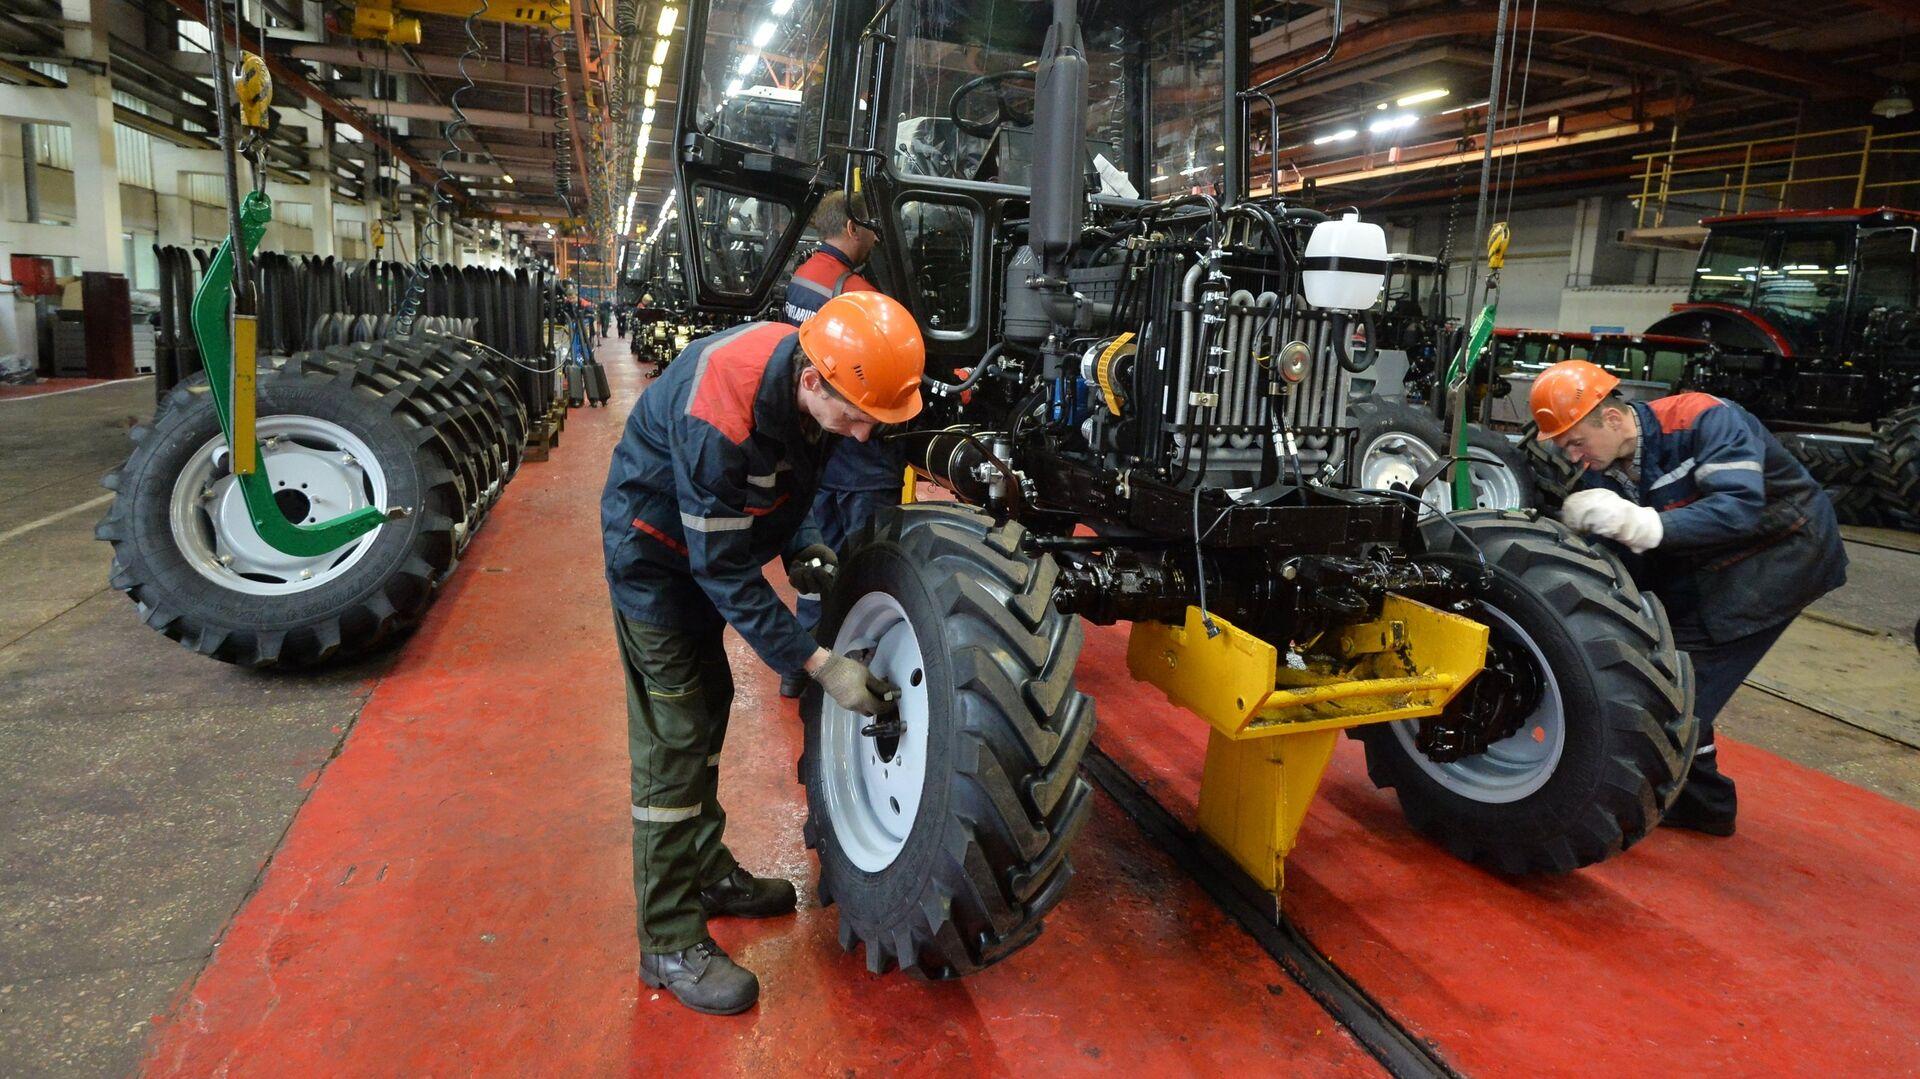 Производство тракторов Беларус на главном конвейере Минского тракторного завода - РИА Новости, 1920, 26.10.2020